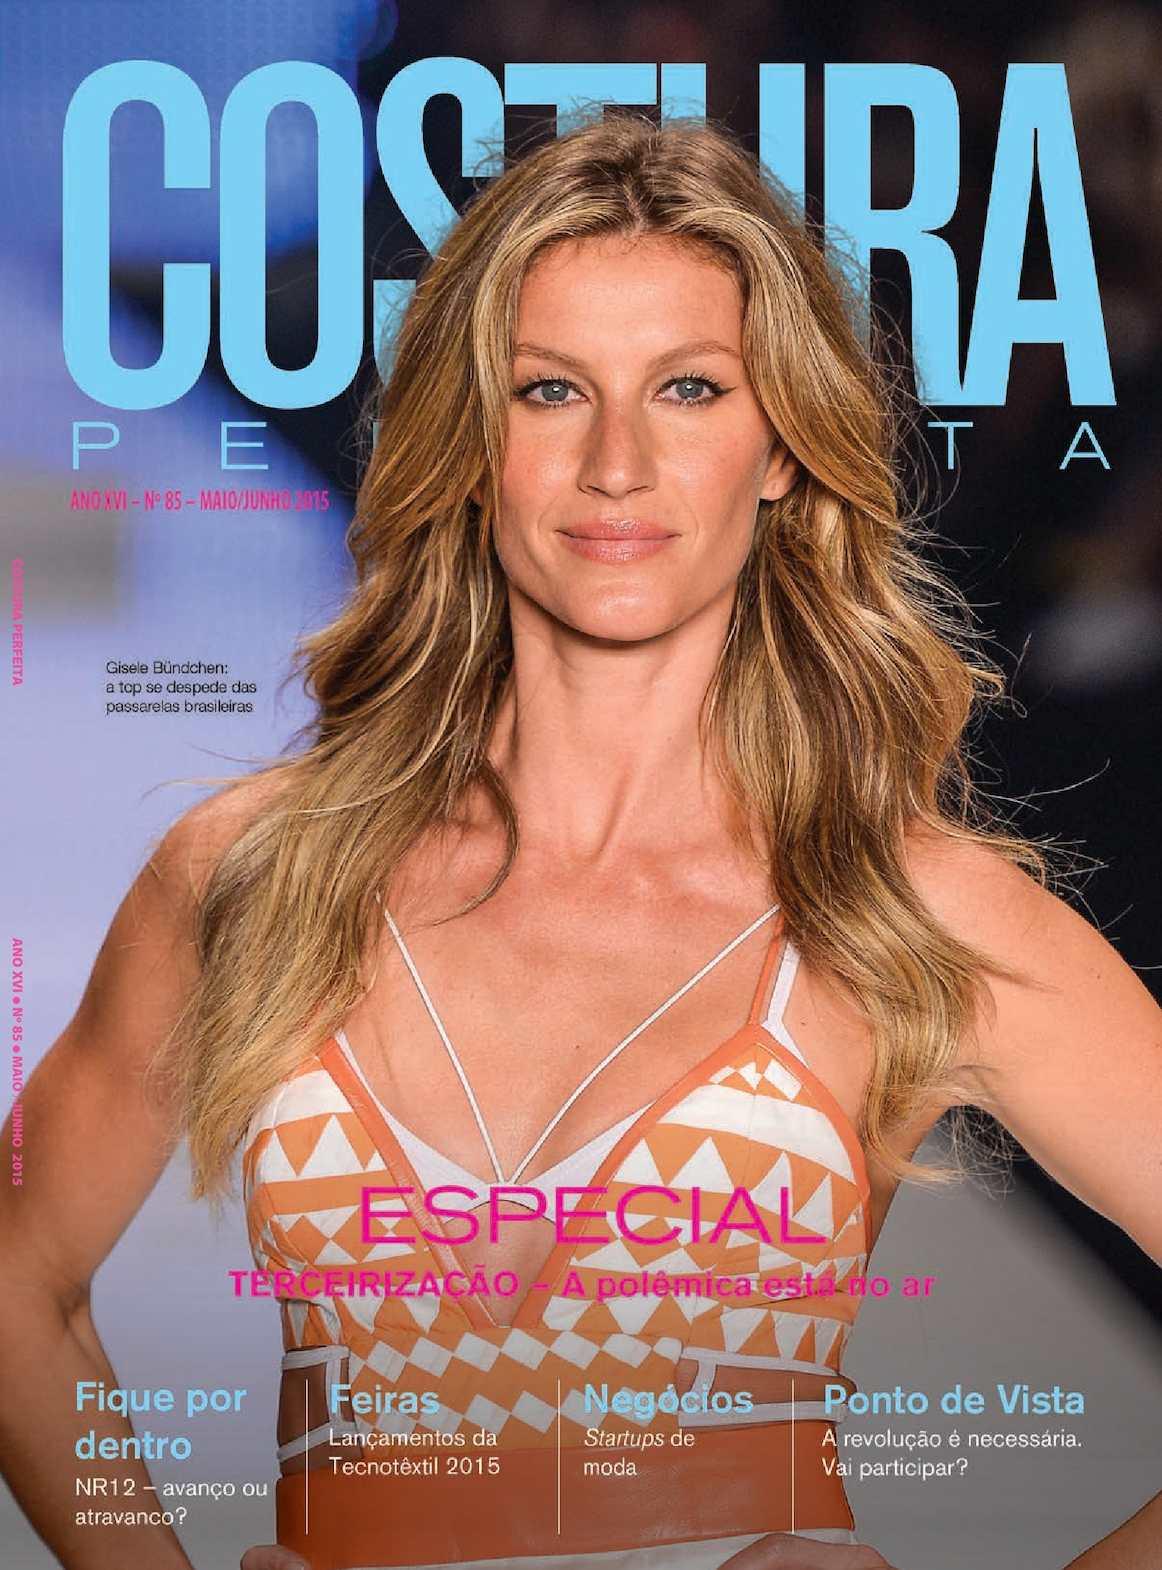 3eb2c32dc Calaméo - Revista Costura Perfeita Edição Ano XVI - N85 - Maio-Junho 2015